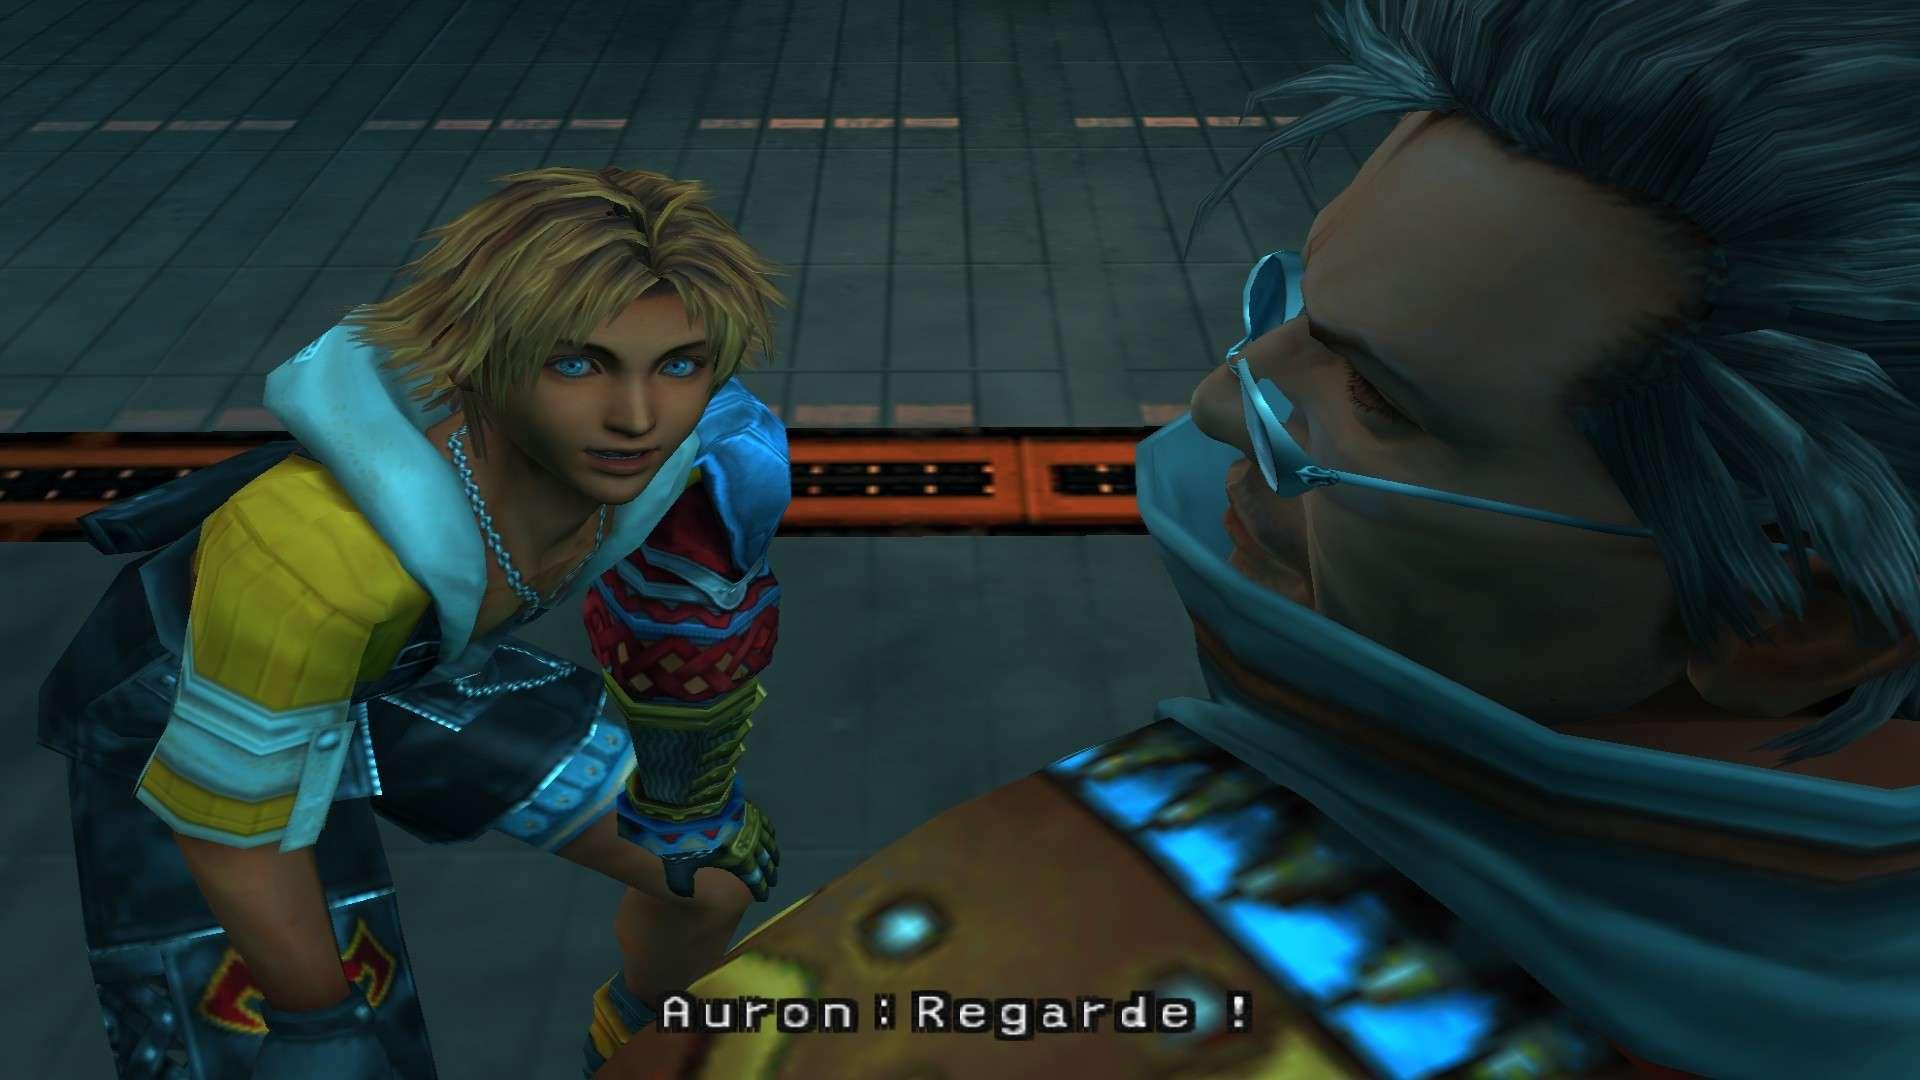 Final Fantasy X/X-2 HD - Plusieurs édition JAP du jeu (VITA/PS3) - Page 2 Dscf1622